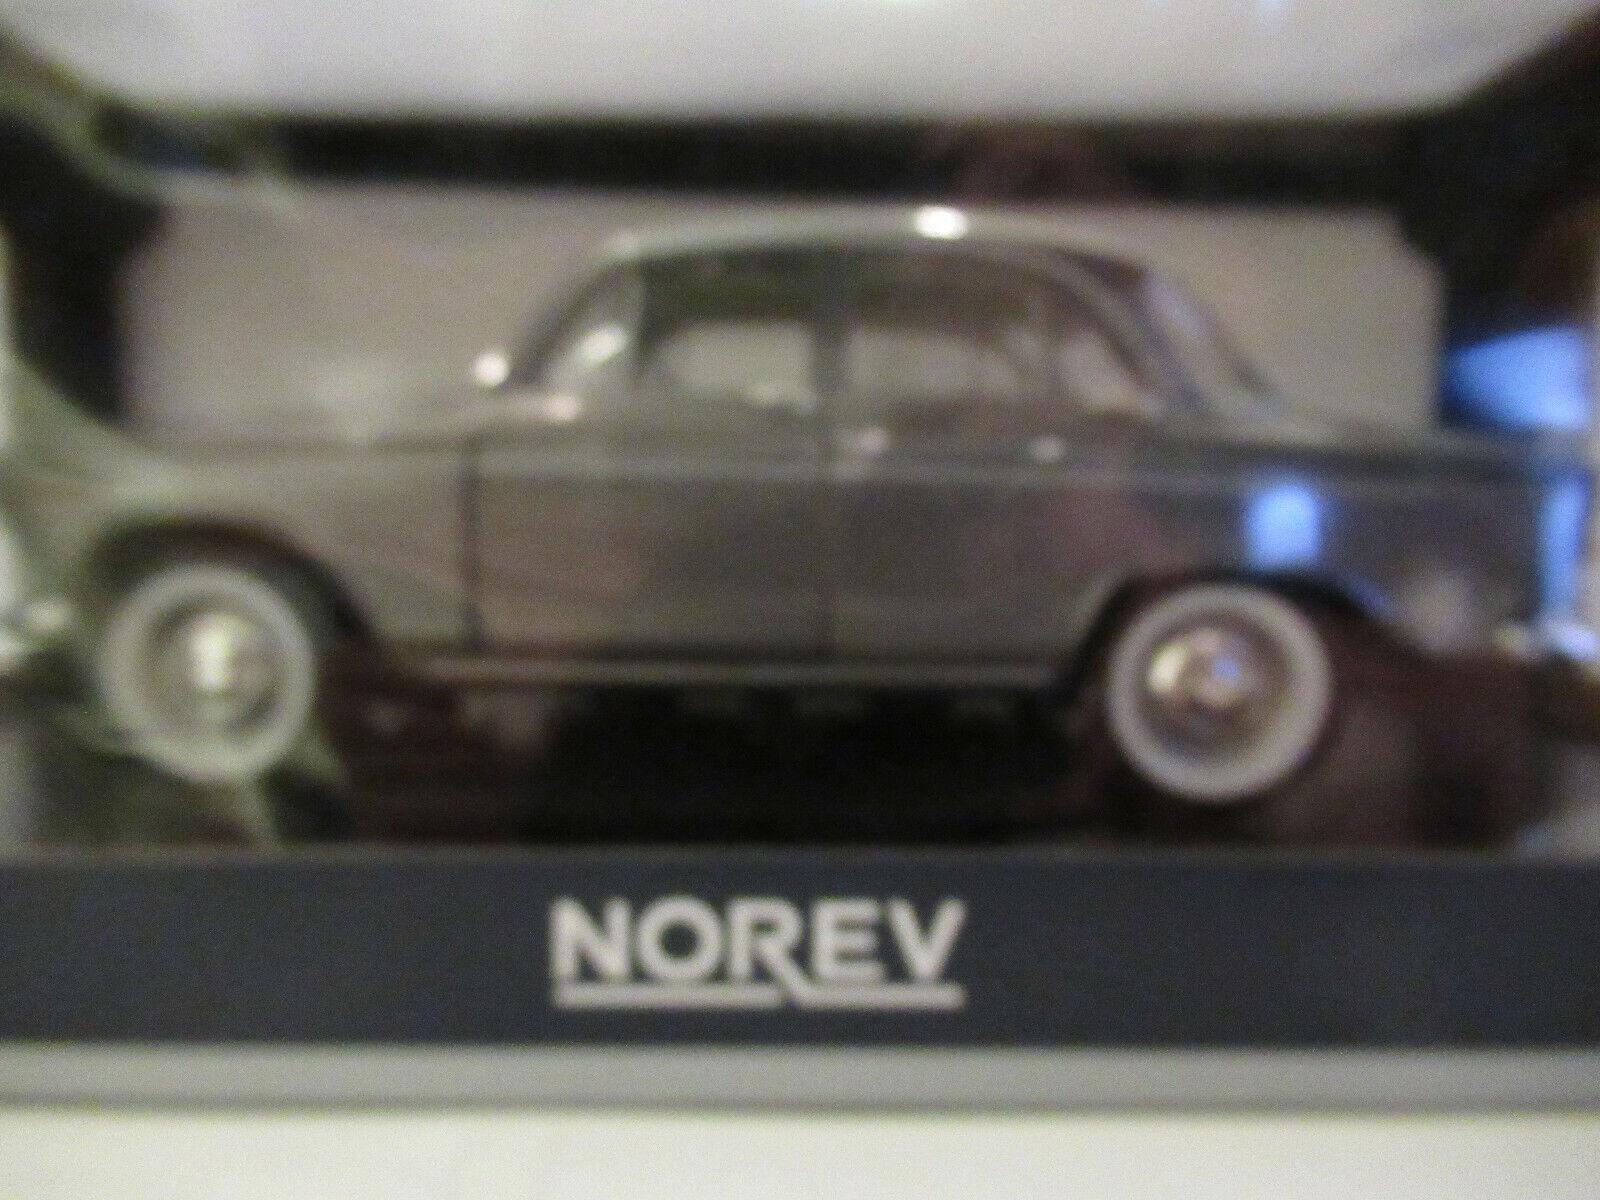 Norev Simca Aronde Montlhery Speciale